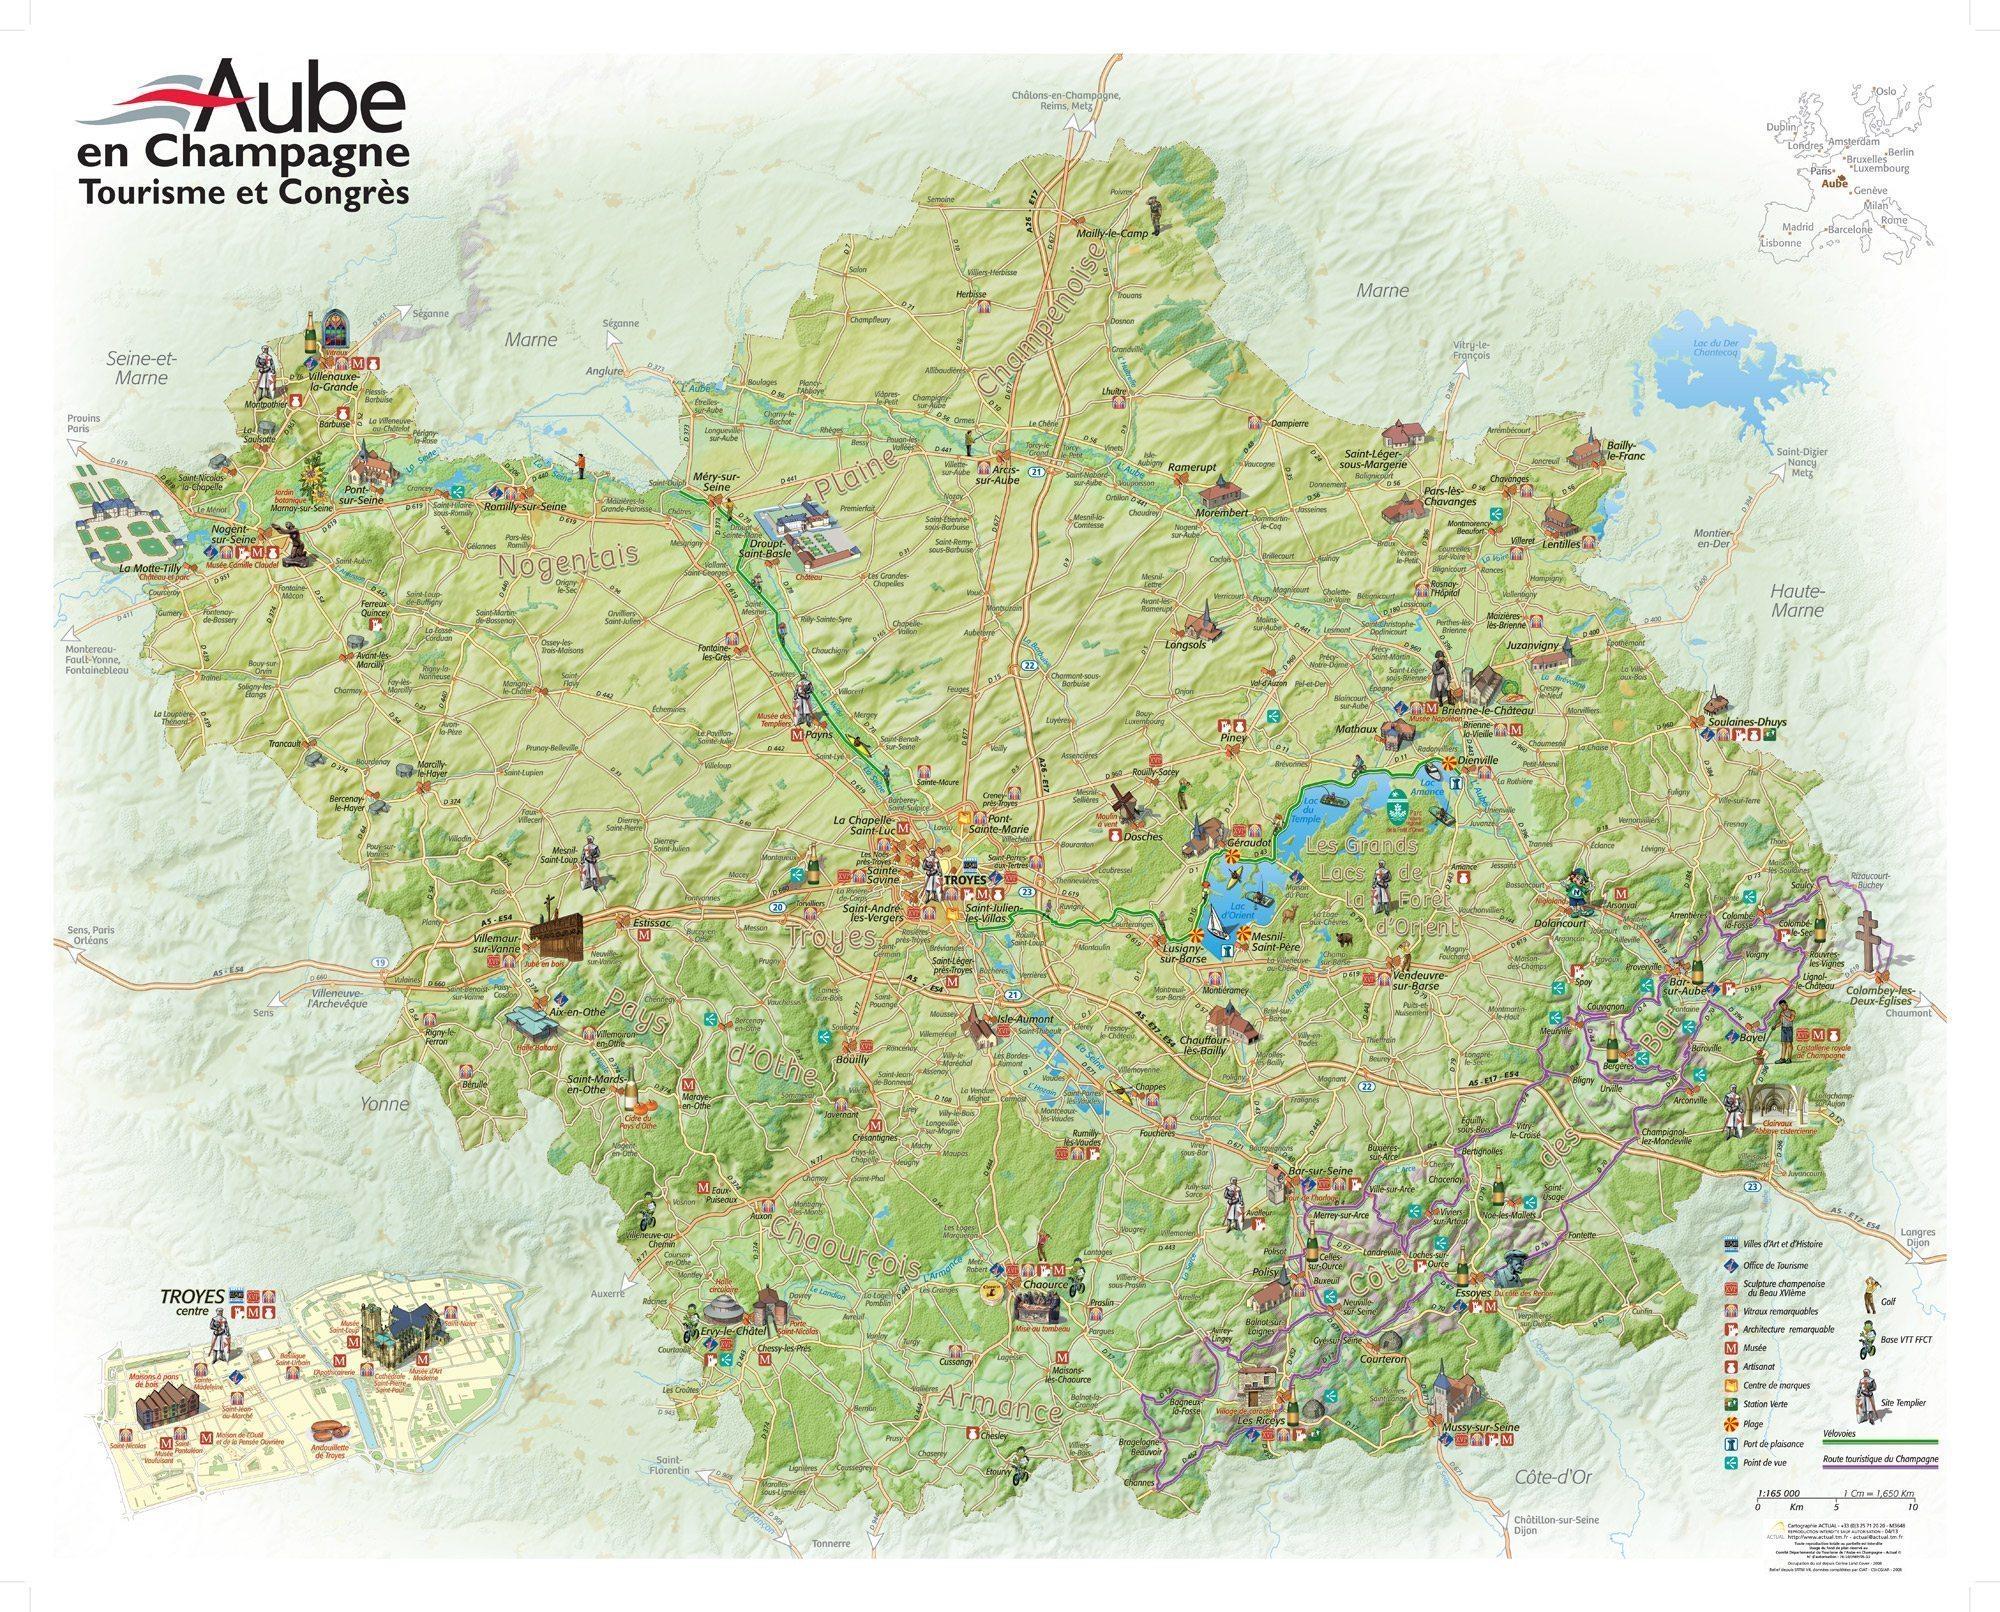 Carte et plan touristique de l 39 aube en champagne - Troyes office de tourisme ...